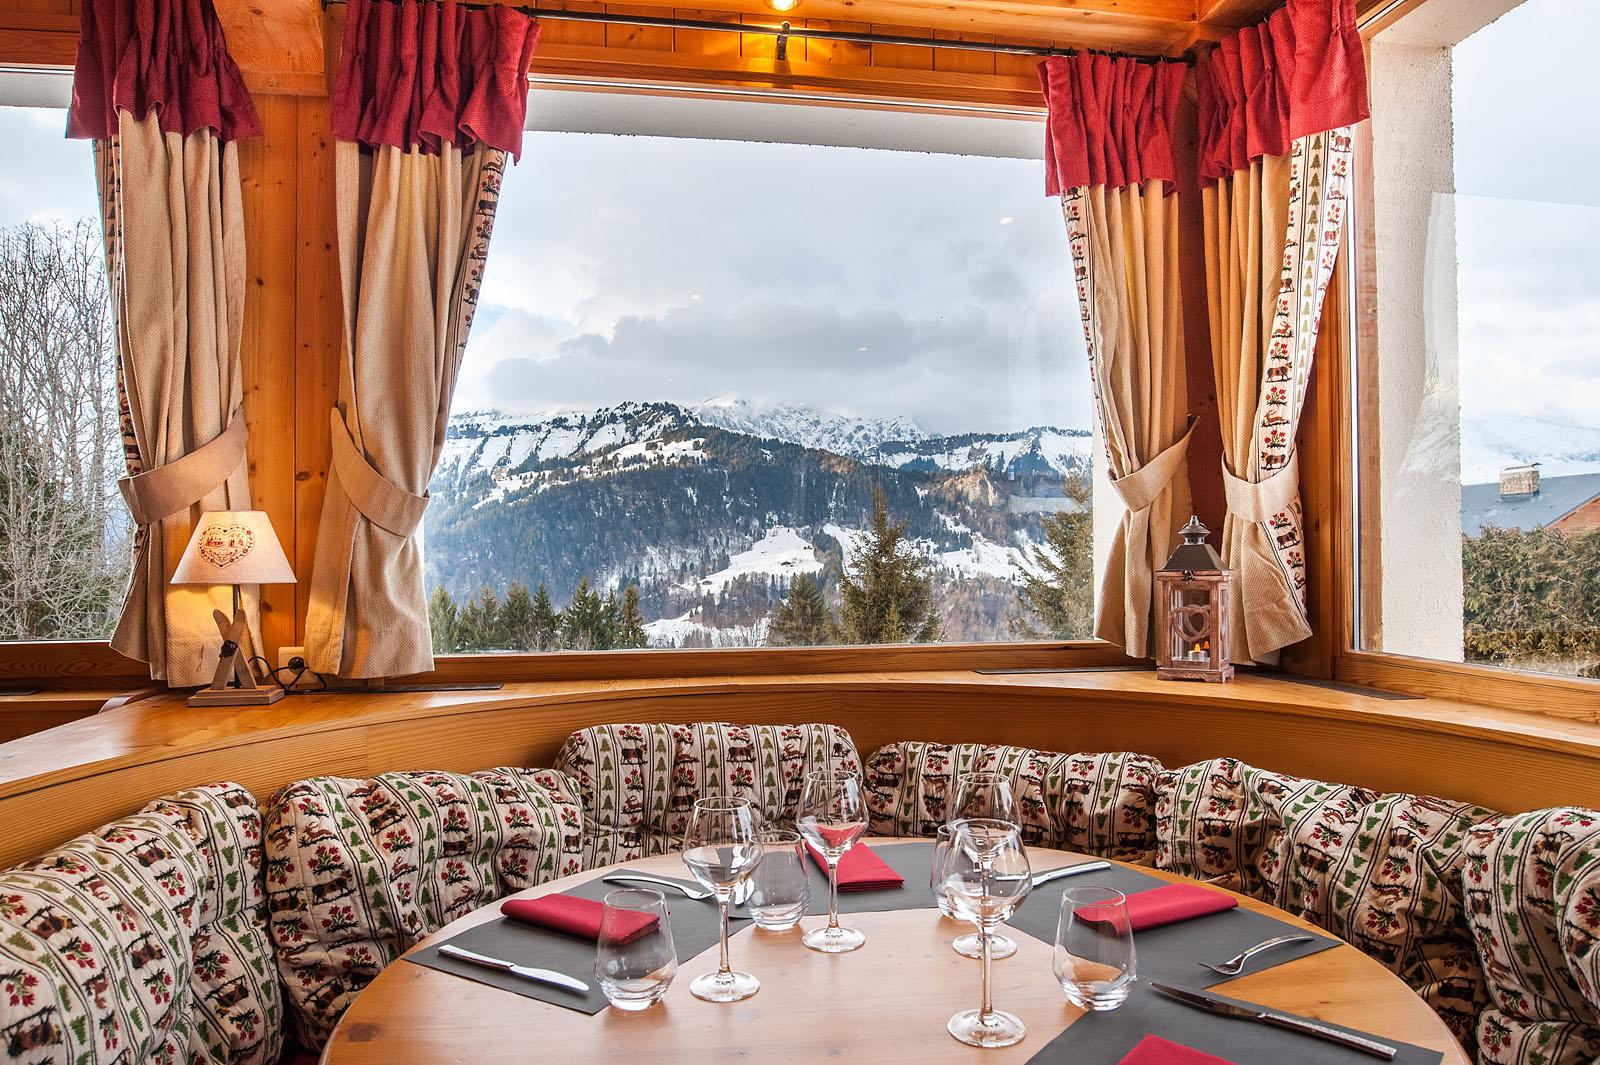 Photographe d'hôtel en Beaufortain : la salle du petit déjeuner avec vue sur le massif des Aravis